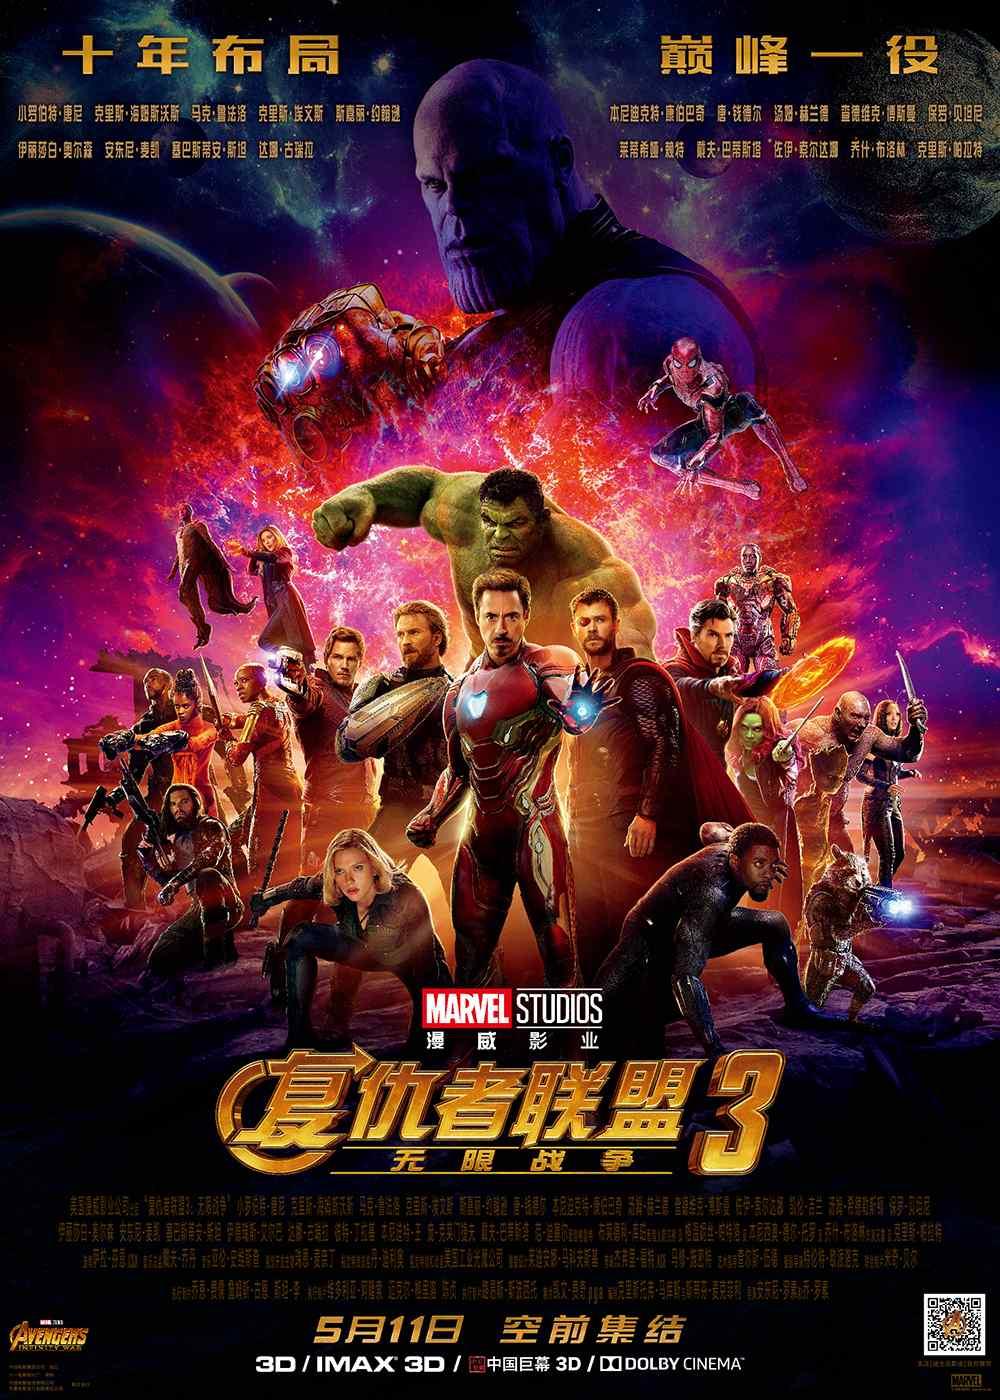 《复仇者联盟3:无限战争》巅峰一役高清海报图片